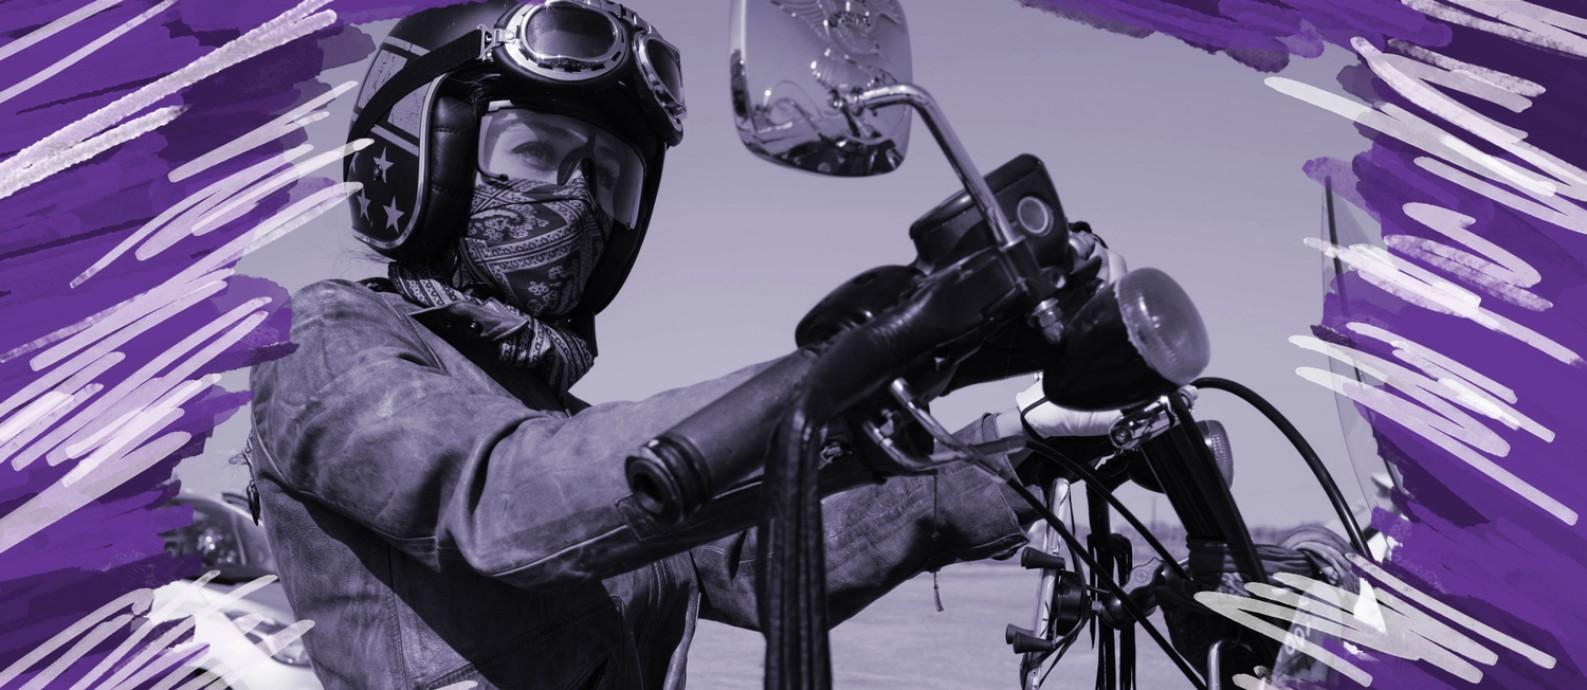 Sarah Abou-Saleh durante o primeiro dia do Revezamento Mundial de Mulheres Motociclistas, em Dubai. Mais de 3.500 mulheres de 79 países passaram um ano circum-navegando o mundo em duas rodas Foto: ANNA NIELSEN / NYT